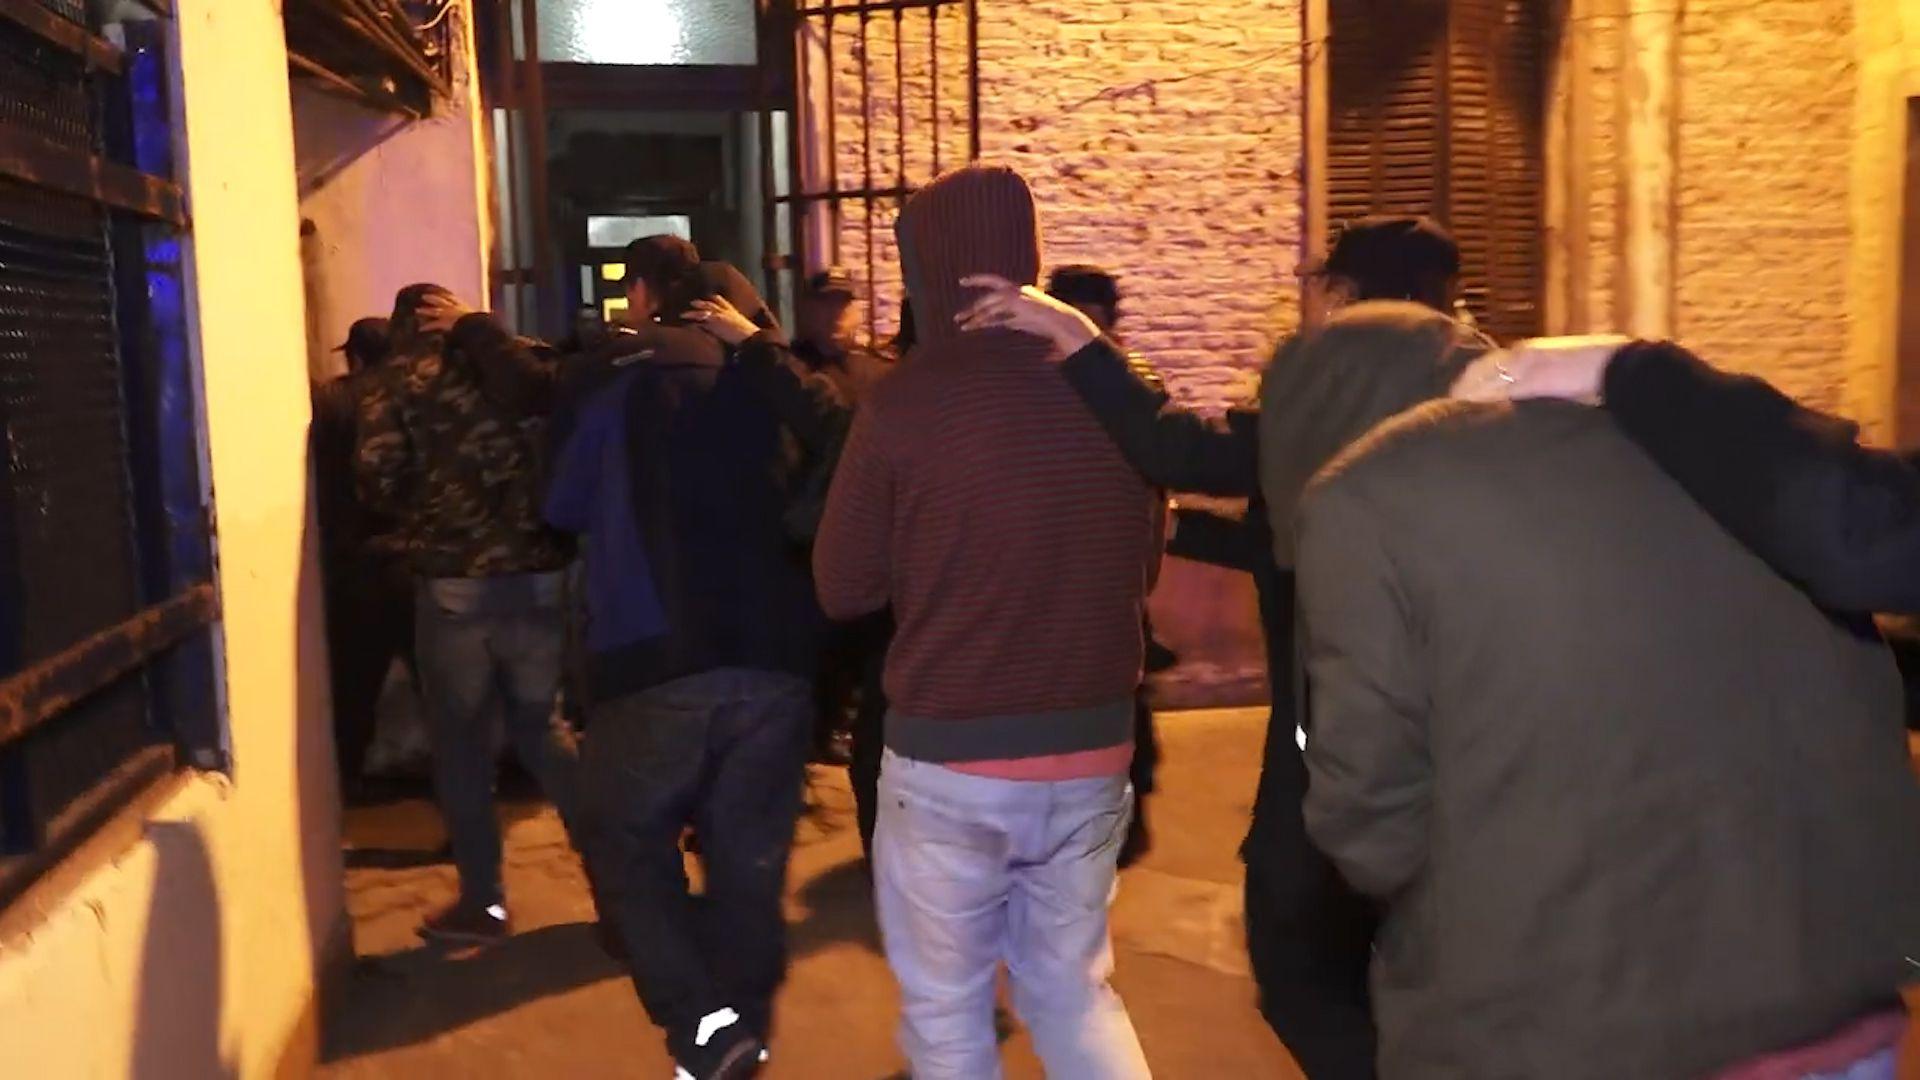 El domingo se realizaron otras cuatro detenciones sobre oficiales que habrían intentado encubrir el hecho